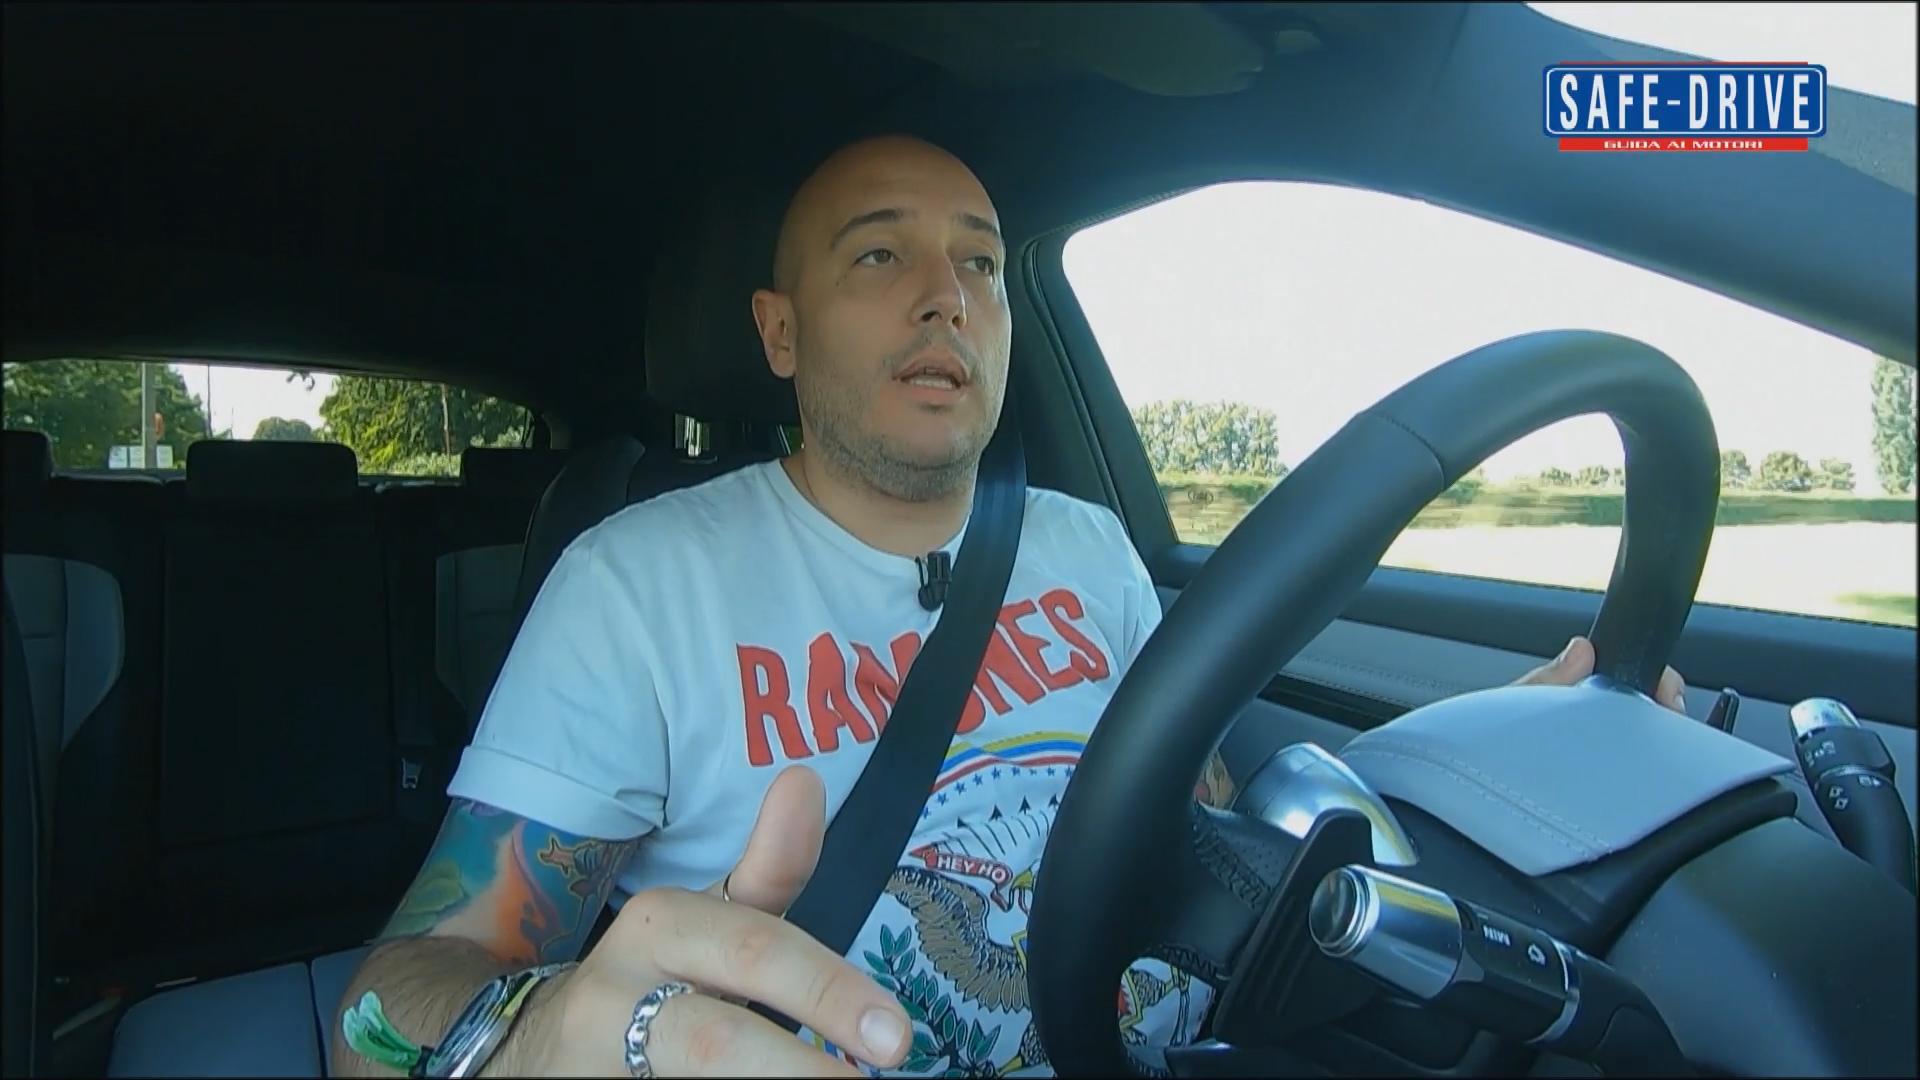 Nuova Range Rover Evoque: ecco la prova su strada di Riccardo – Test Drive 2